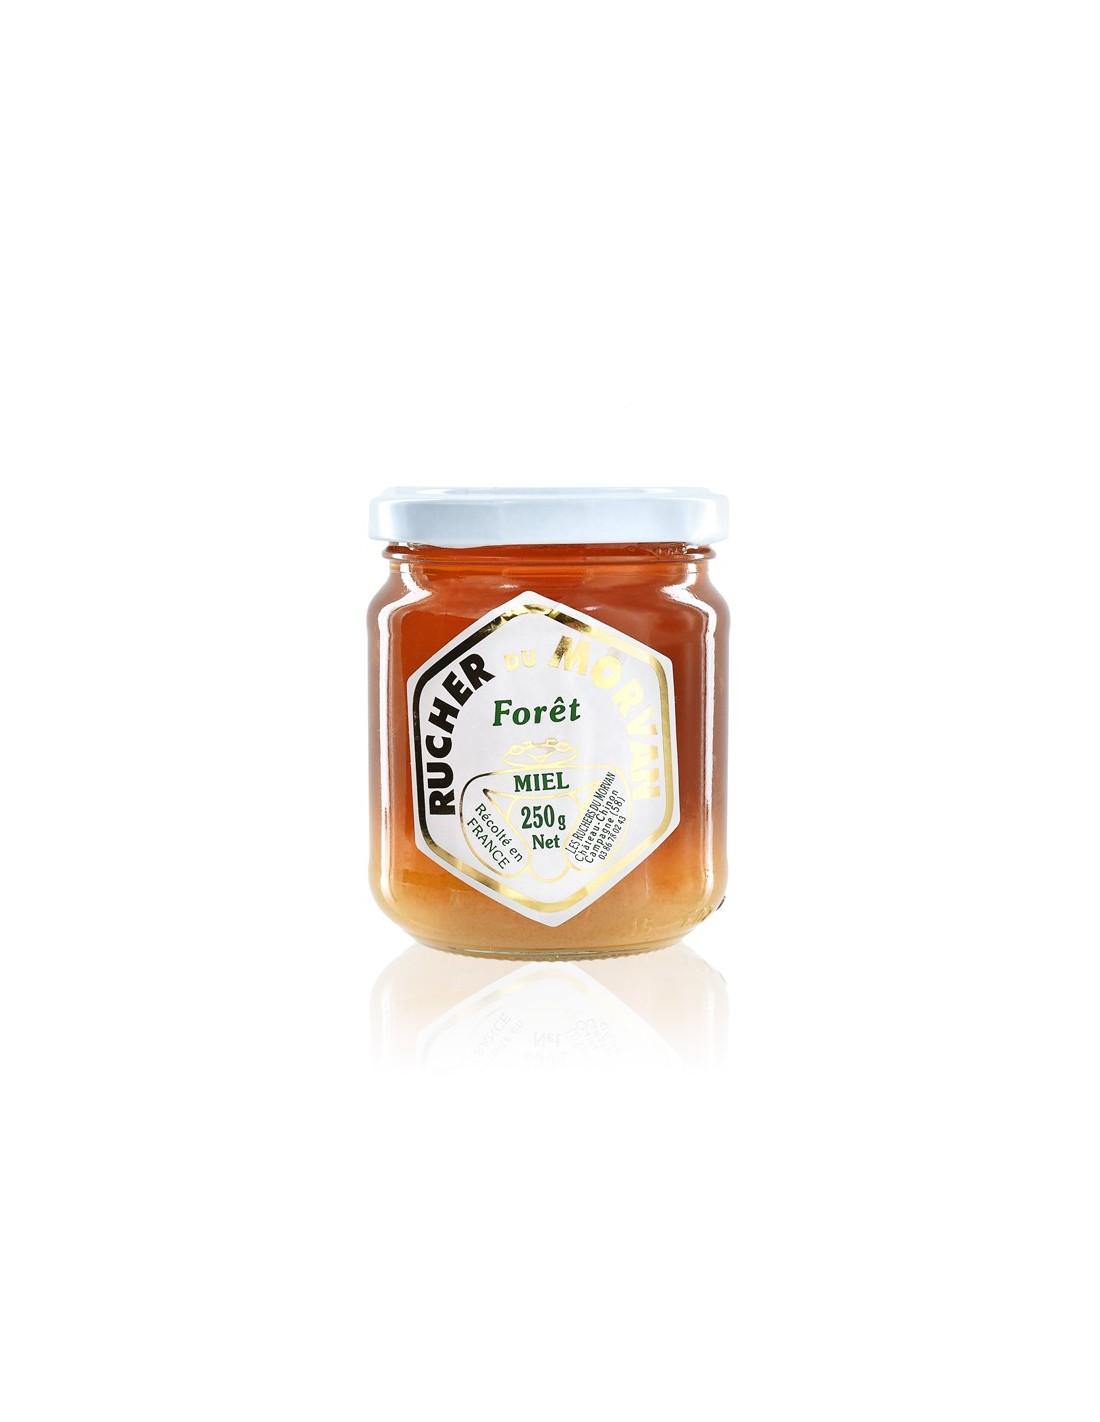 miel de foret pot 250g fabrication artisanale produit du terroir. Black Bedroom Furniture Sets. Home Design Ideas